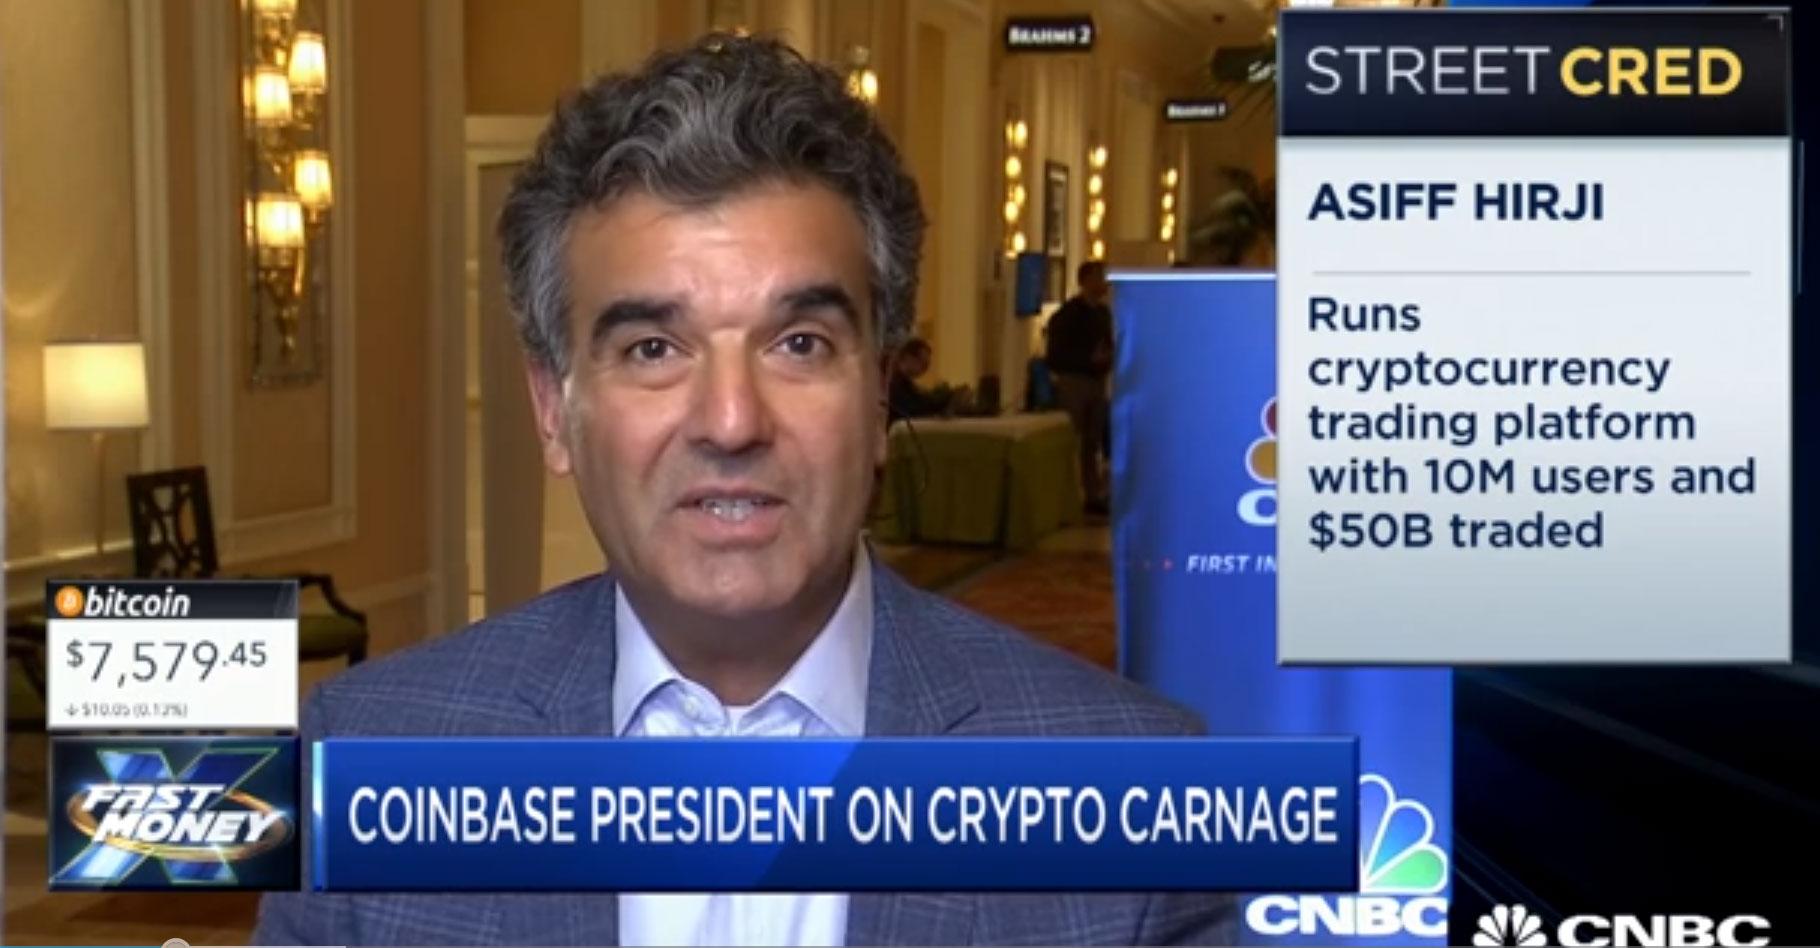 Asiff Hirji en entrevista para CNBC